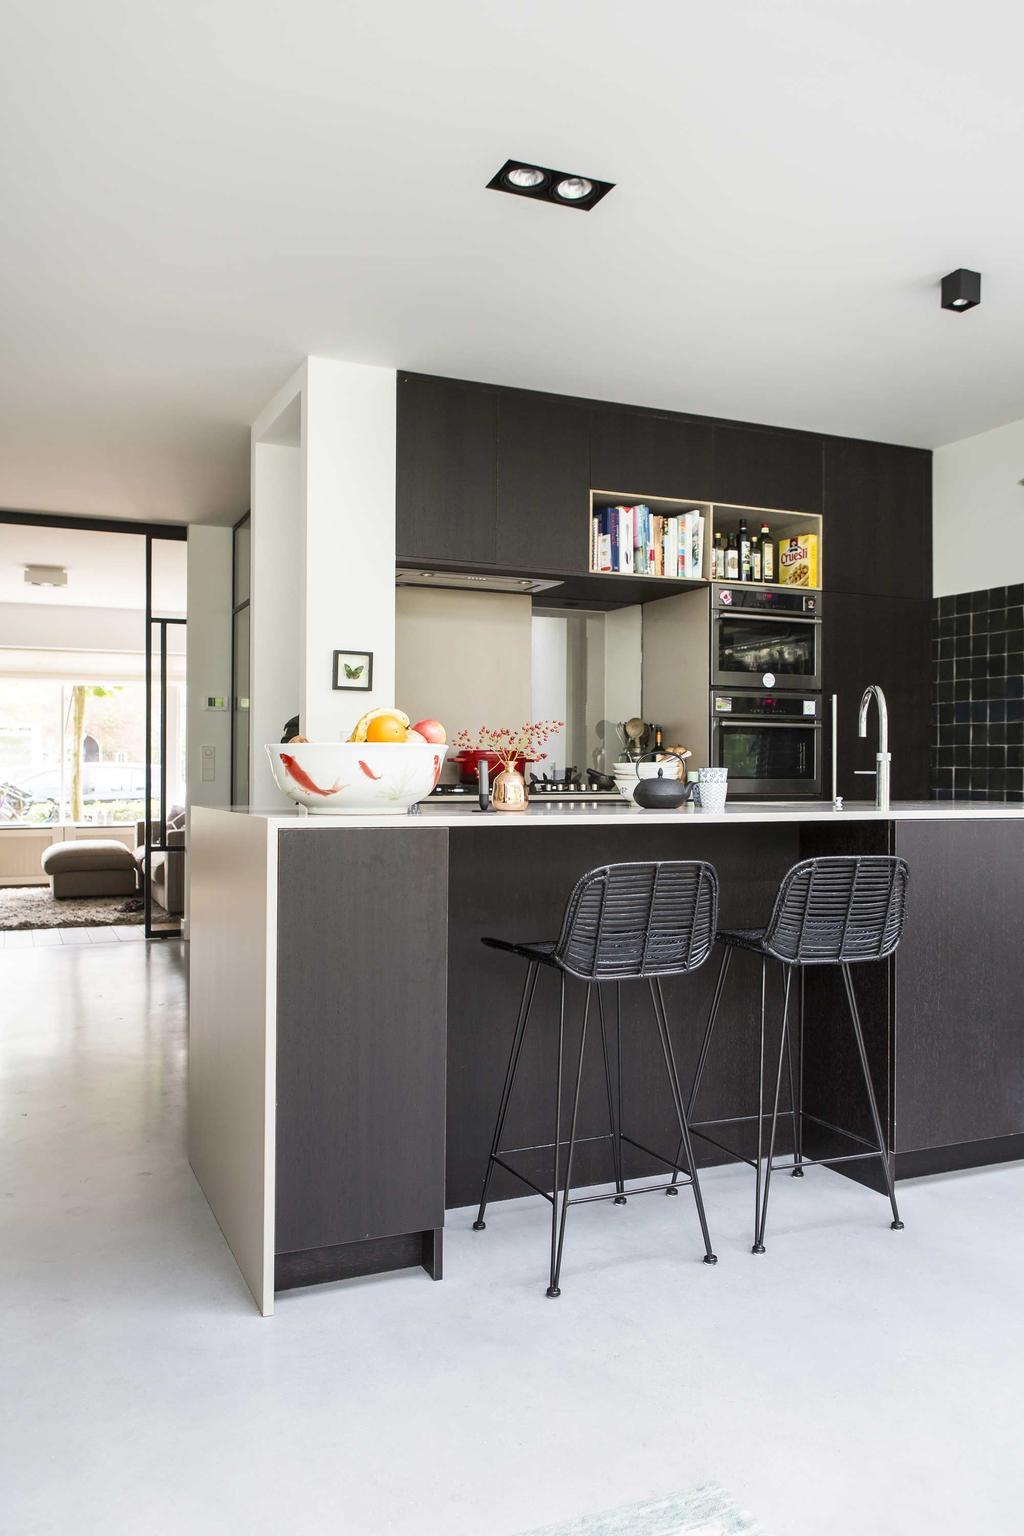 Keuken met barkrukken